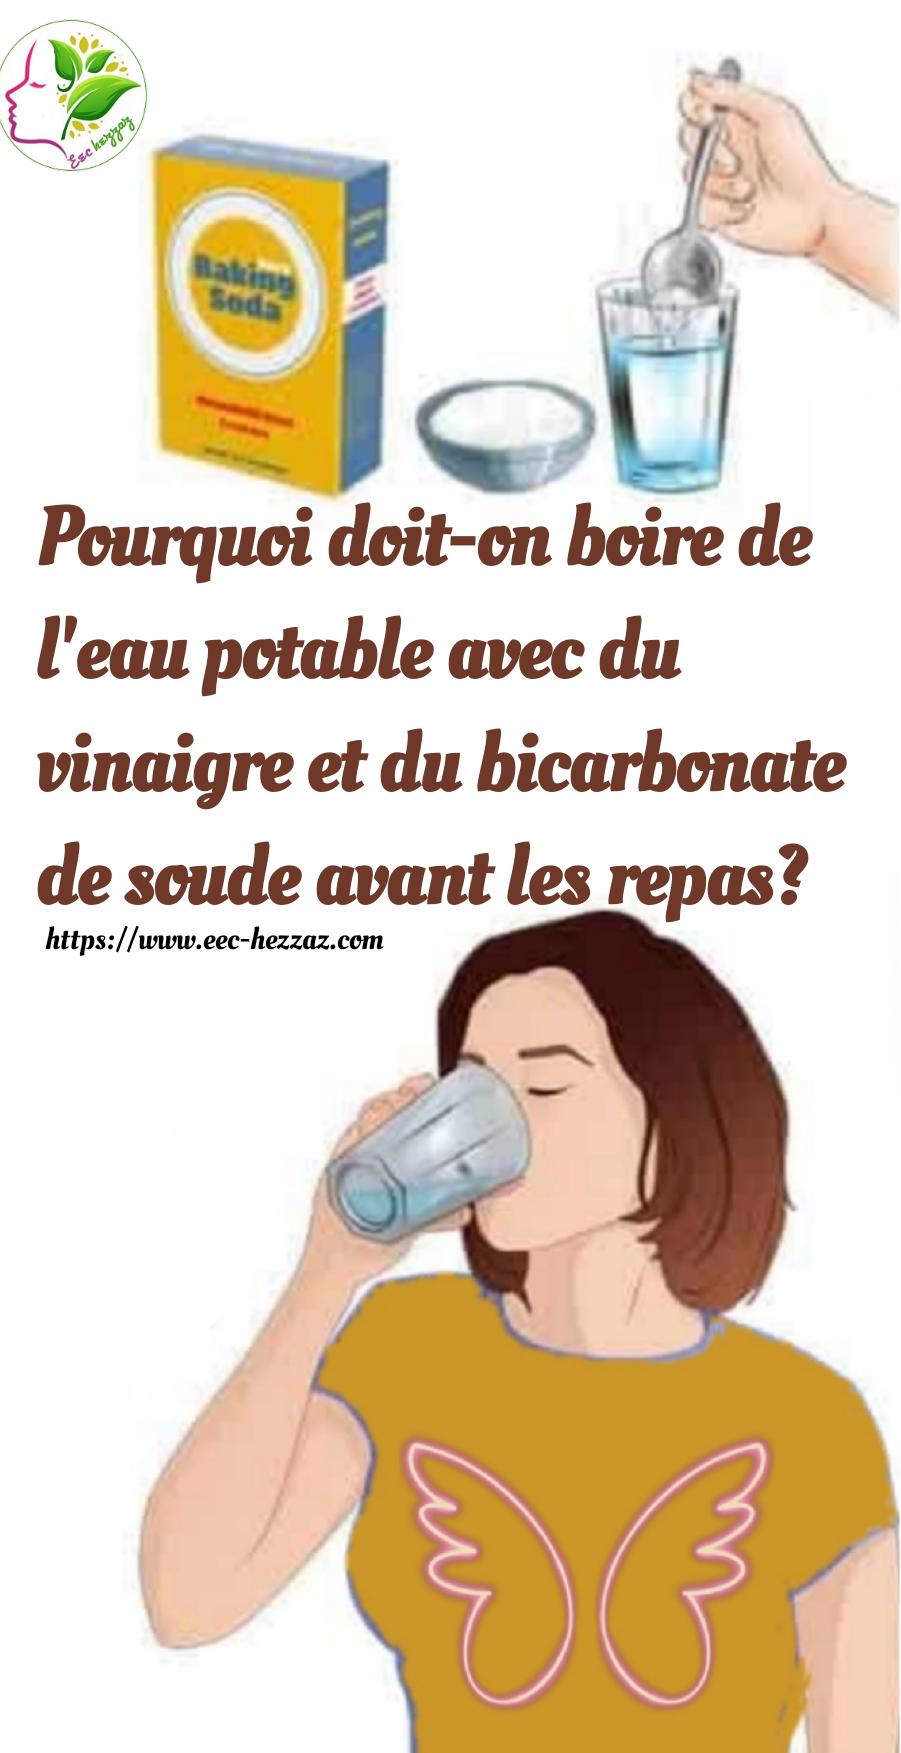 Pourquoi doit-on boire de l'eau potable avec du vinaigre et du bicarbonate de soude avant les repas?